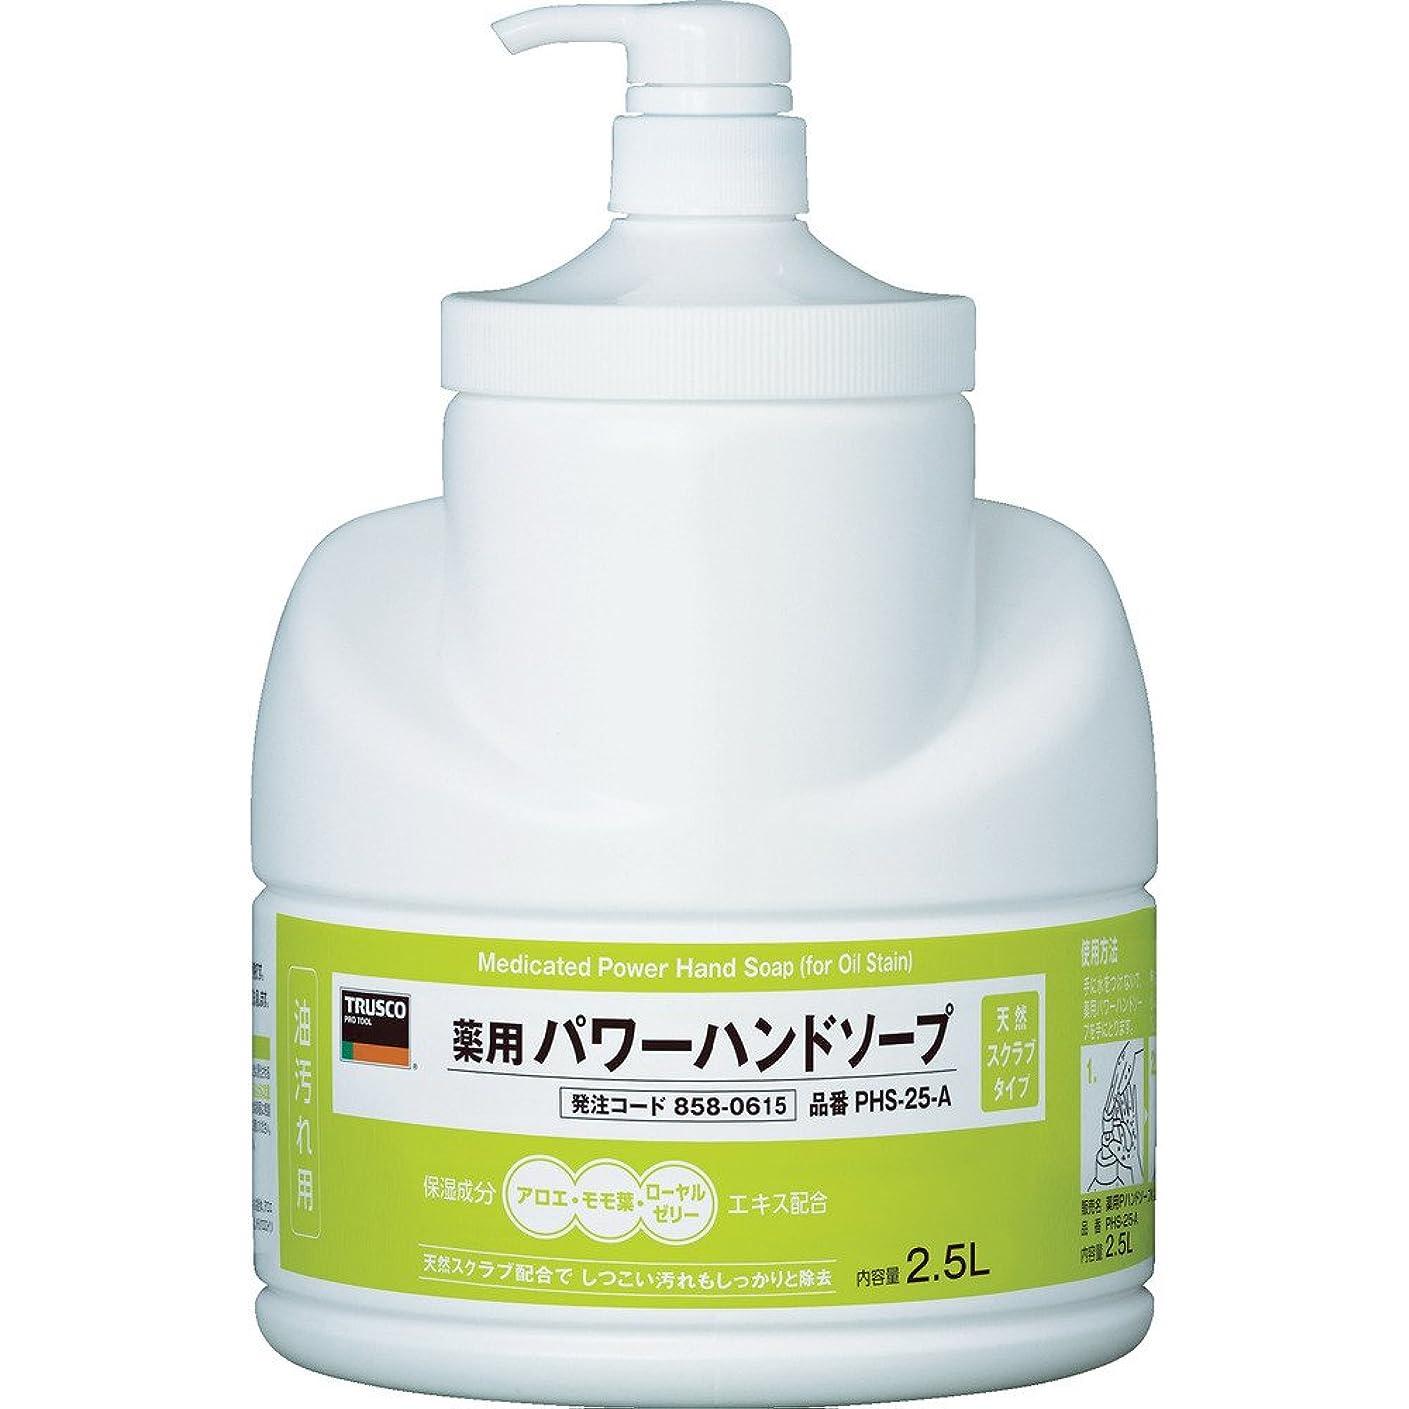 吸収剤本会議黒TRUSCO(トラスコ) 薬用パワーハンドソープポンプボトル 2.5L PHS-25-A